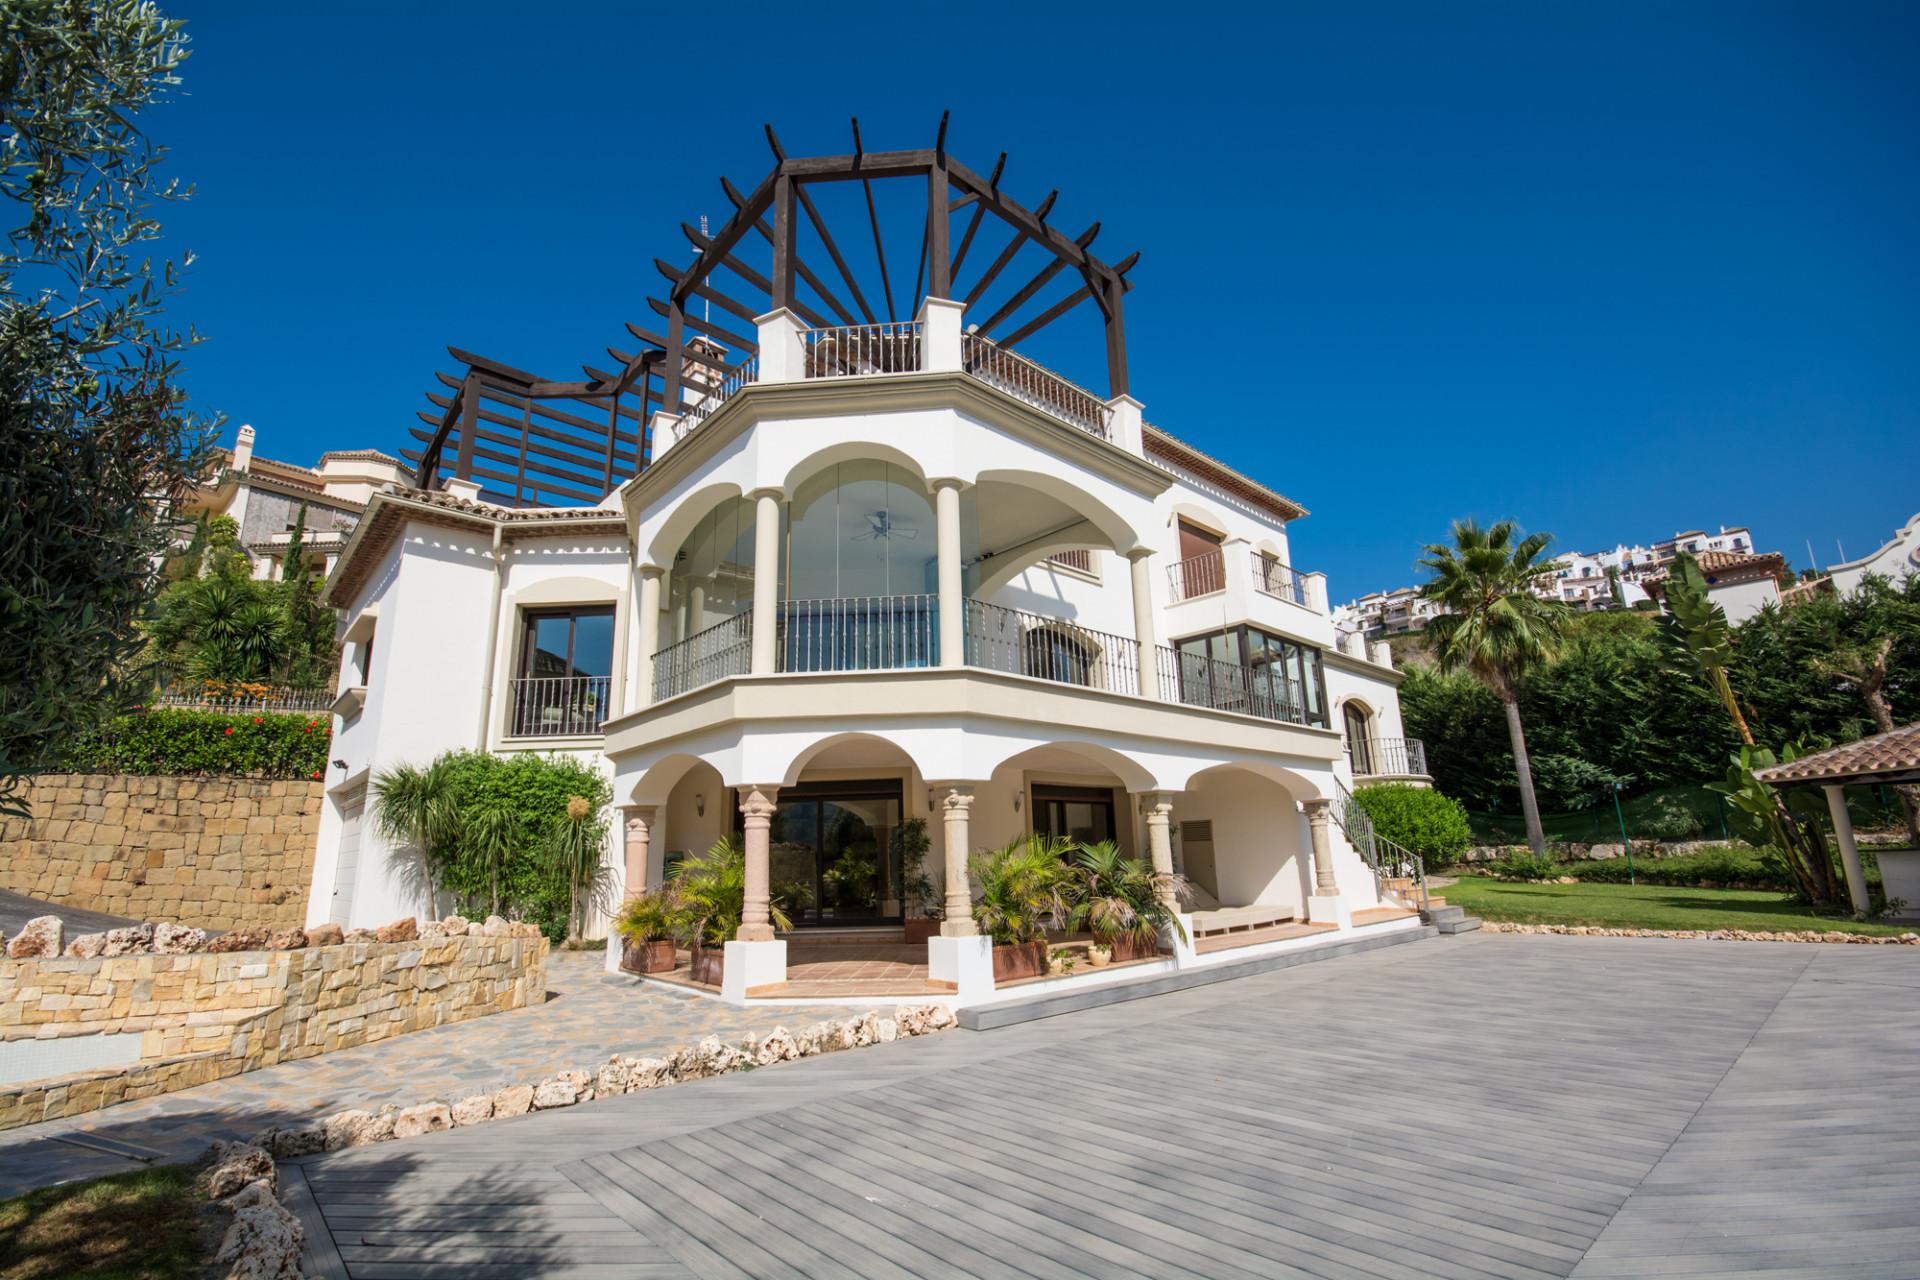 Lovely 6 bedroom villa for sale in Los Arqueros in Benahavis.